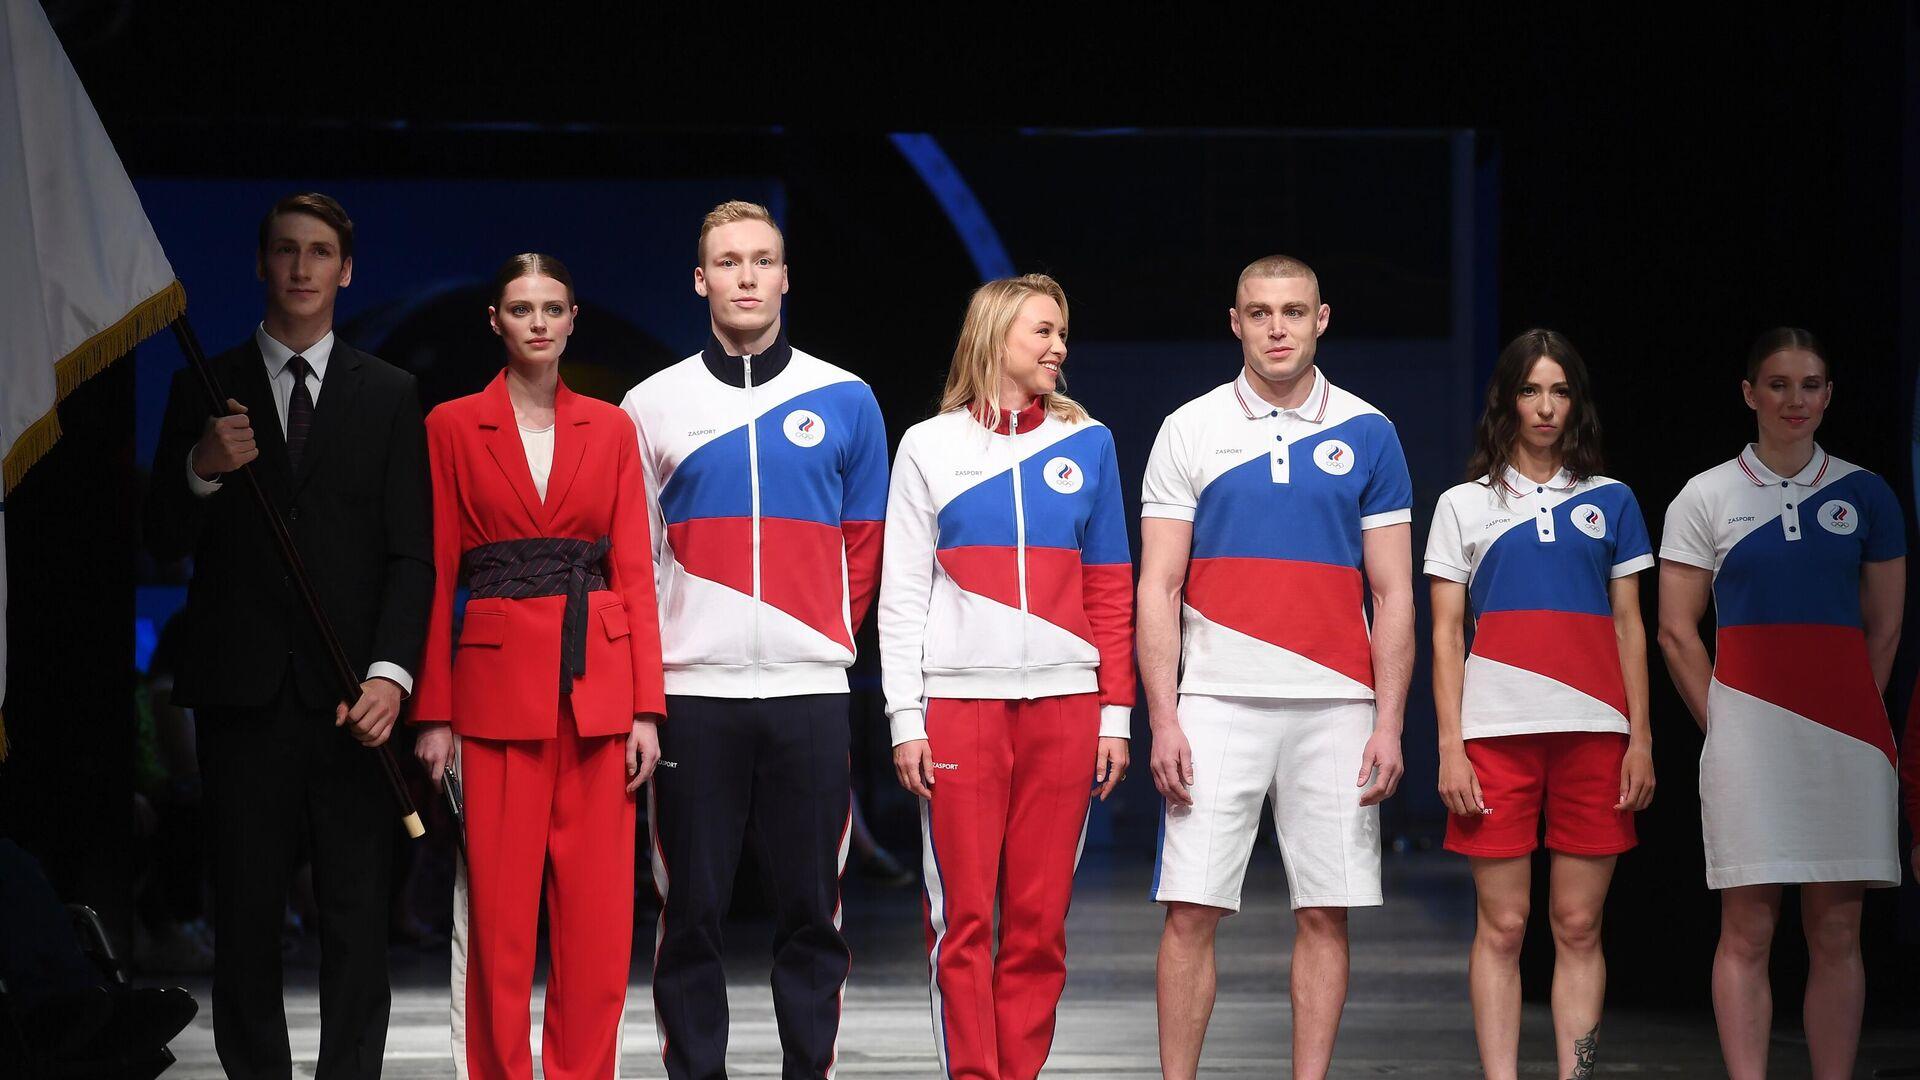 Презентация официальной формы Олимпийской команды России на ОИ-2020 - РИА Новости, 1920, 18.04.2021